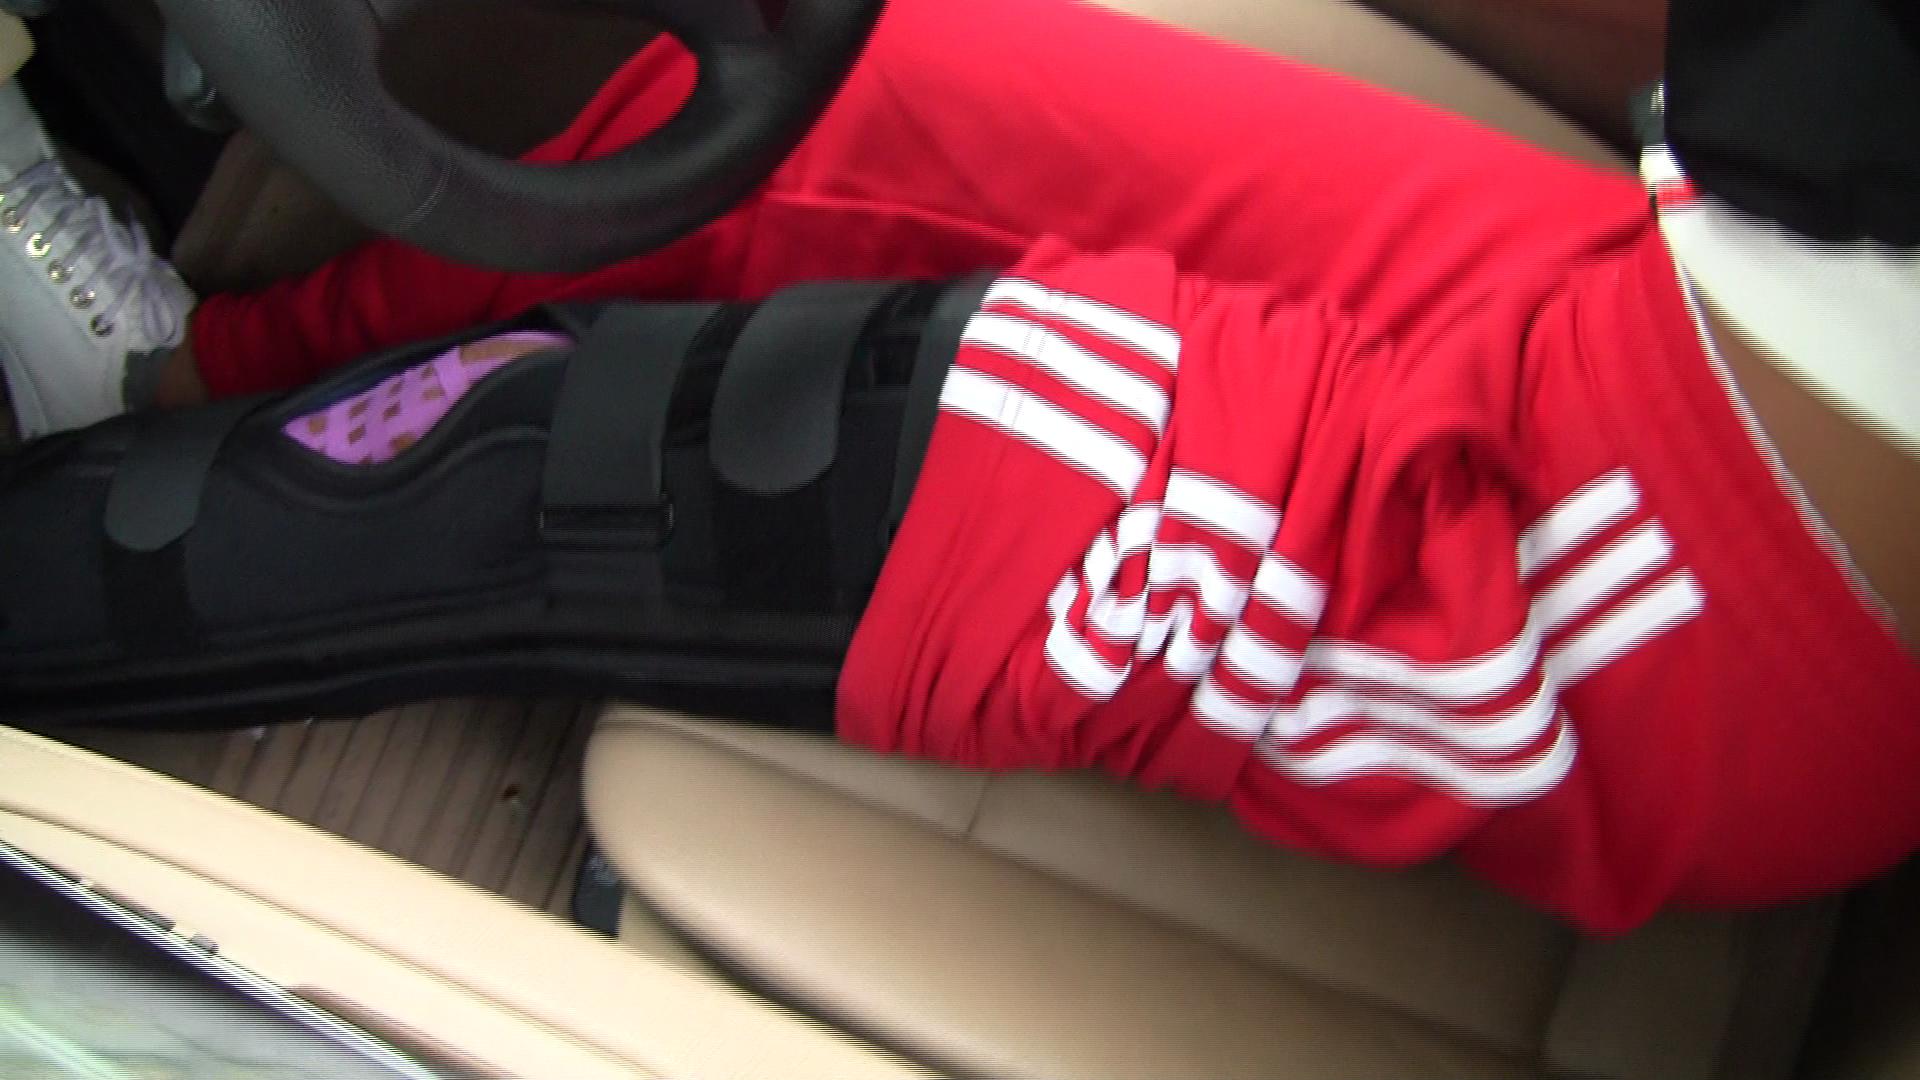 Medicii i-au imobilizat piciorul ranit si i-au recomandat repaus total pentru ca starea ei sa nu se agraveze